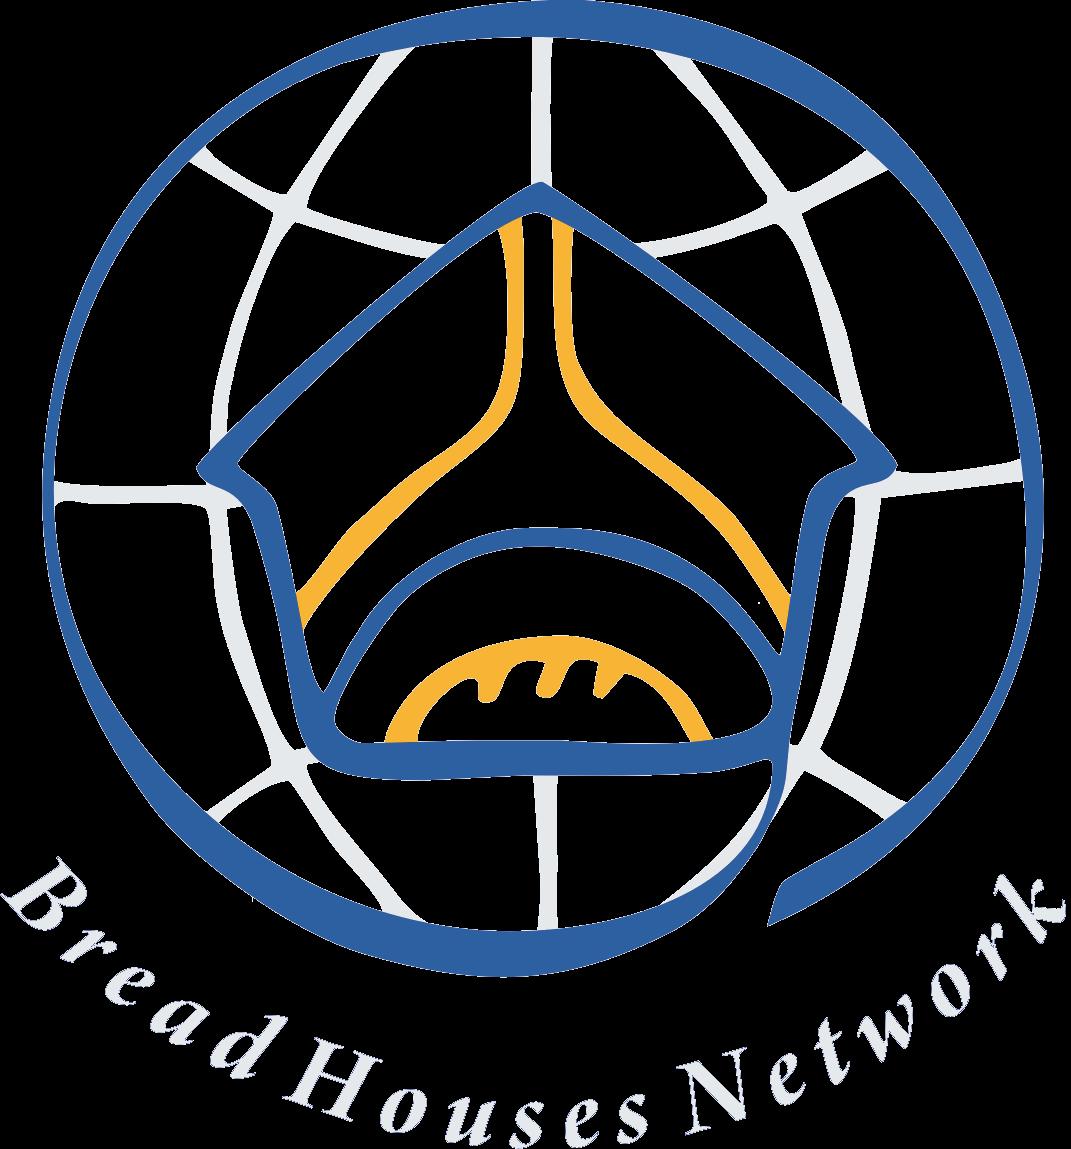 Bread Houses Network - Internationales Netzwerk Sozialbäckereien